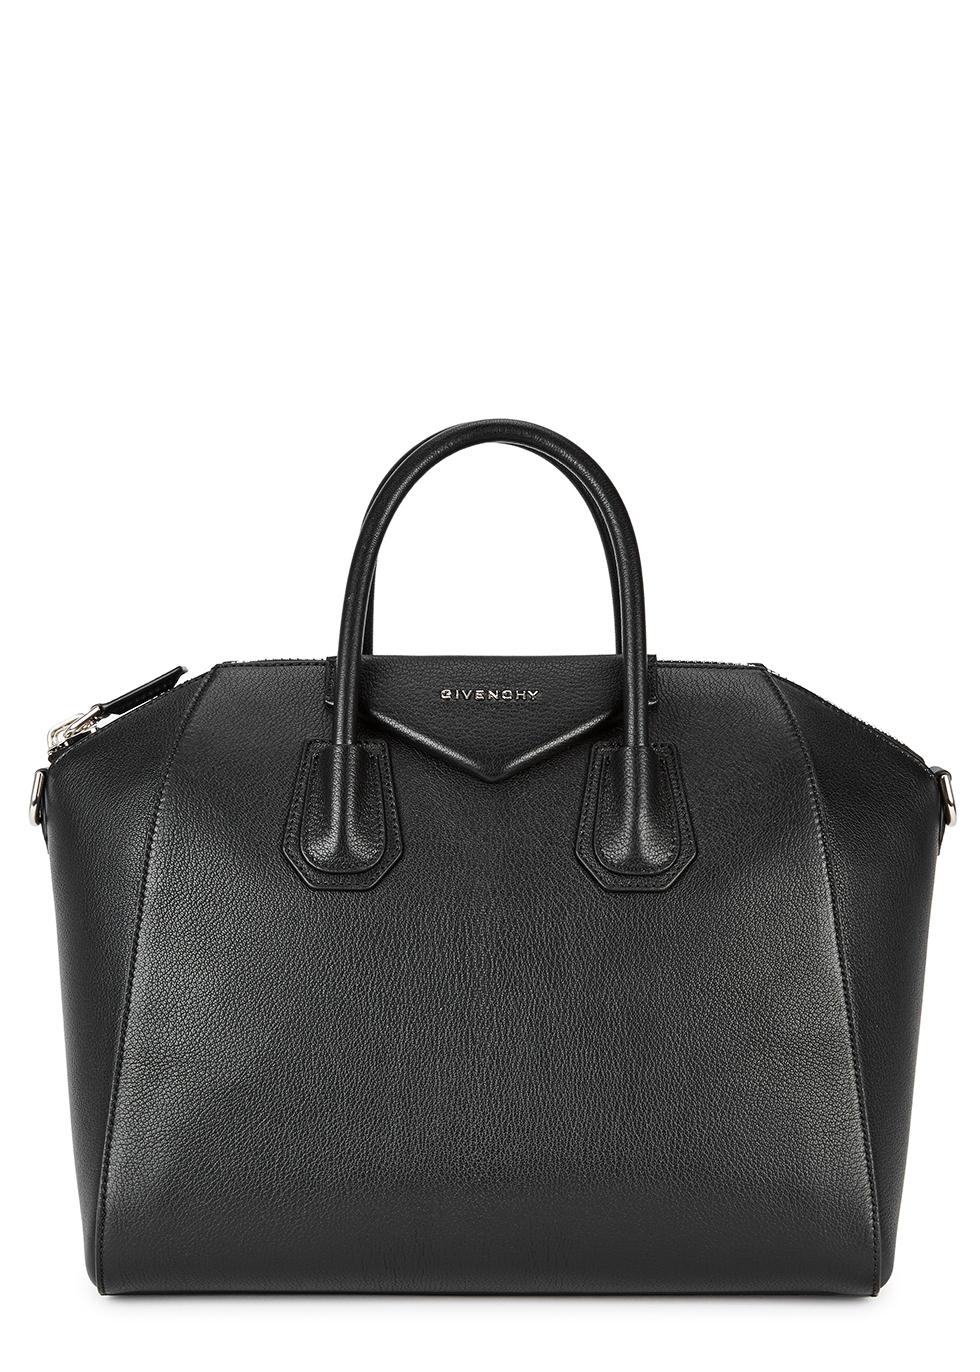 6e1a1dfc9d Women s Designer Tote Bags - Leather   Canvas - Harvey Nichols